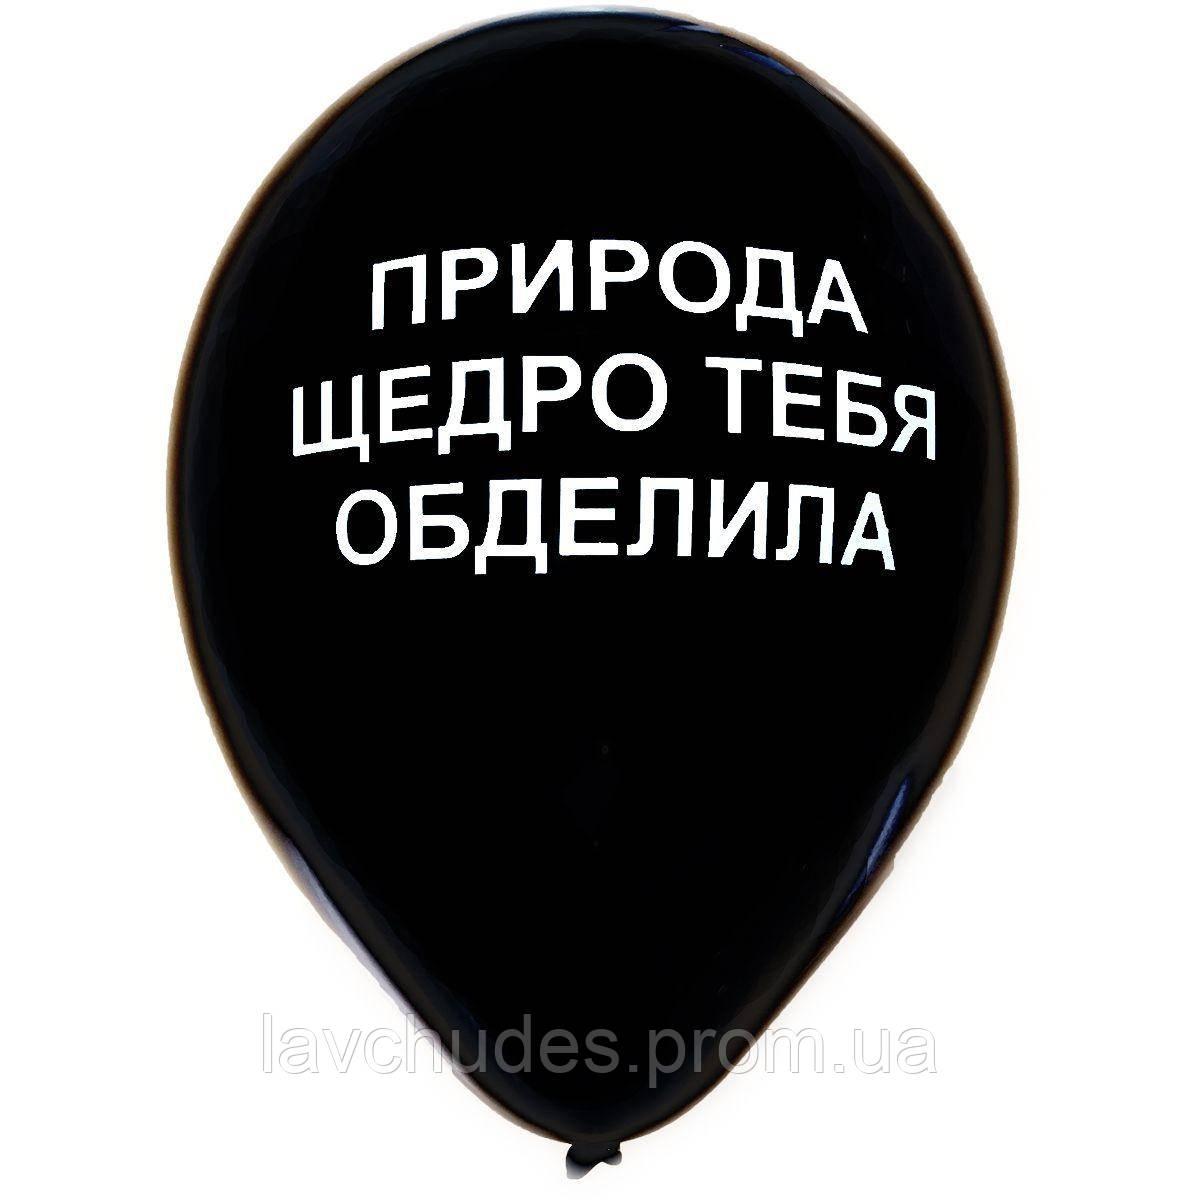 Воздушные шары с оскорблениями - Природа щедро тебя обделила